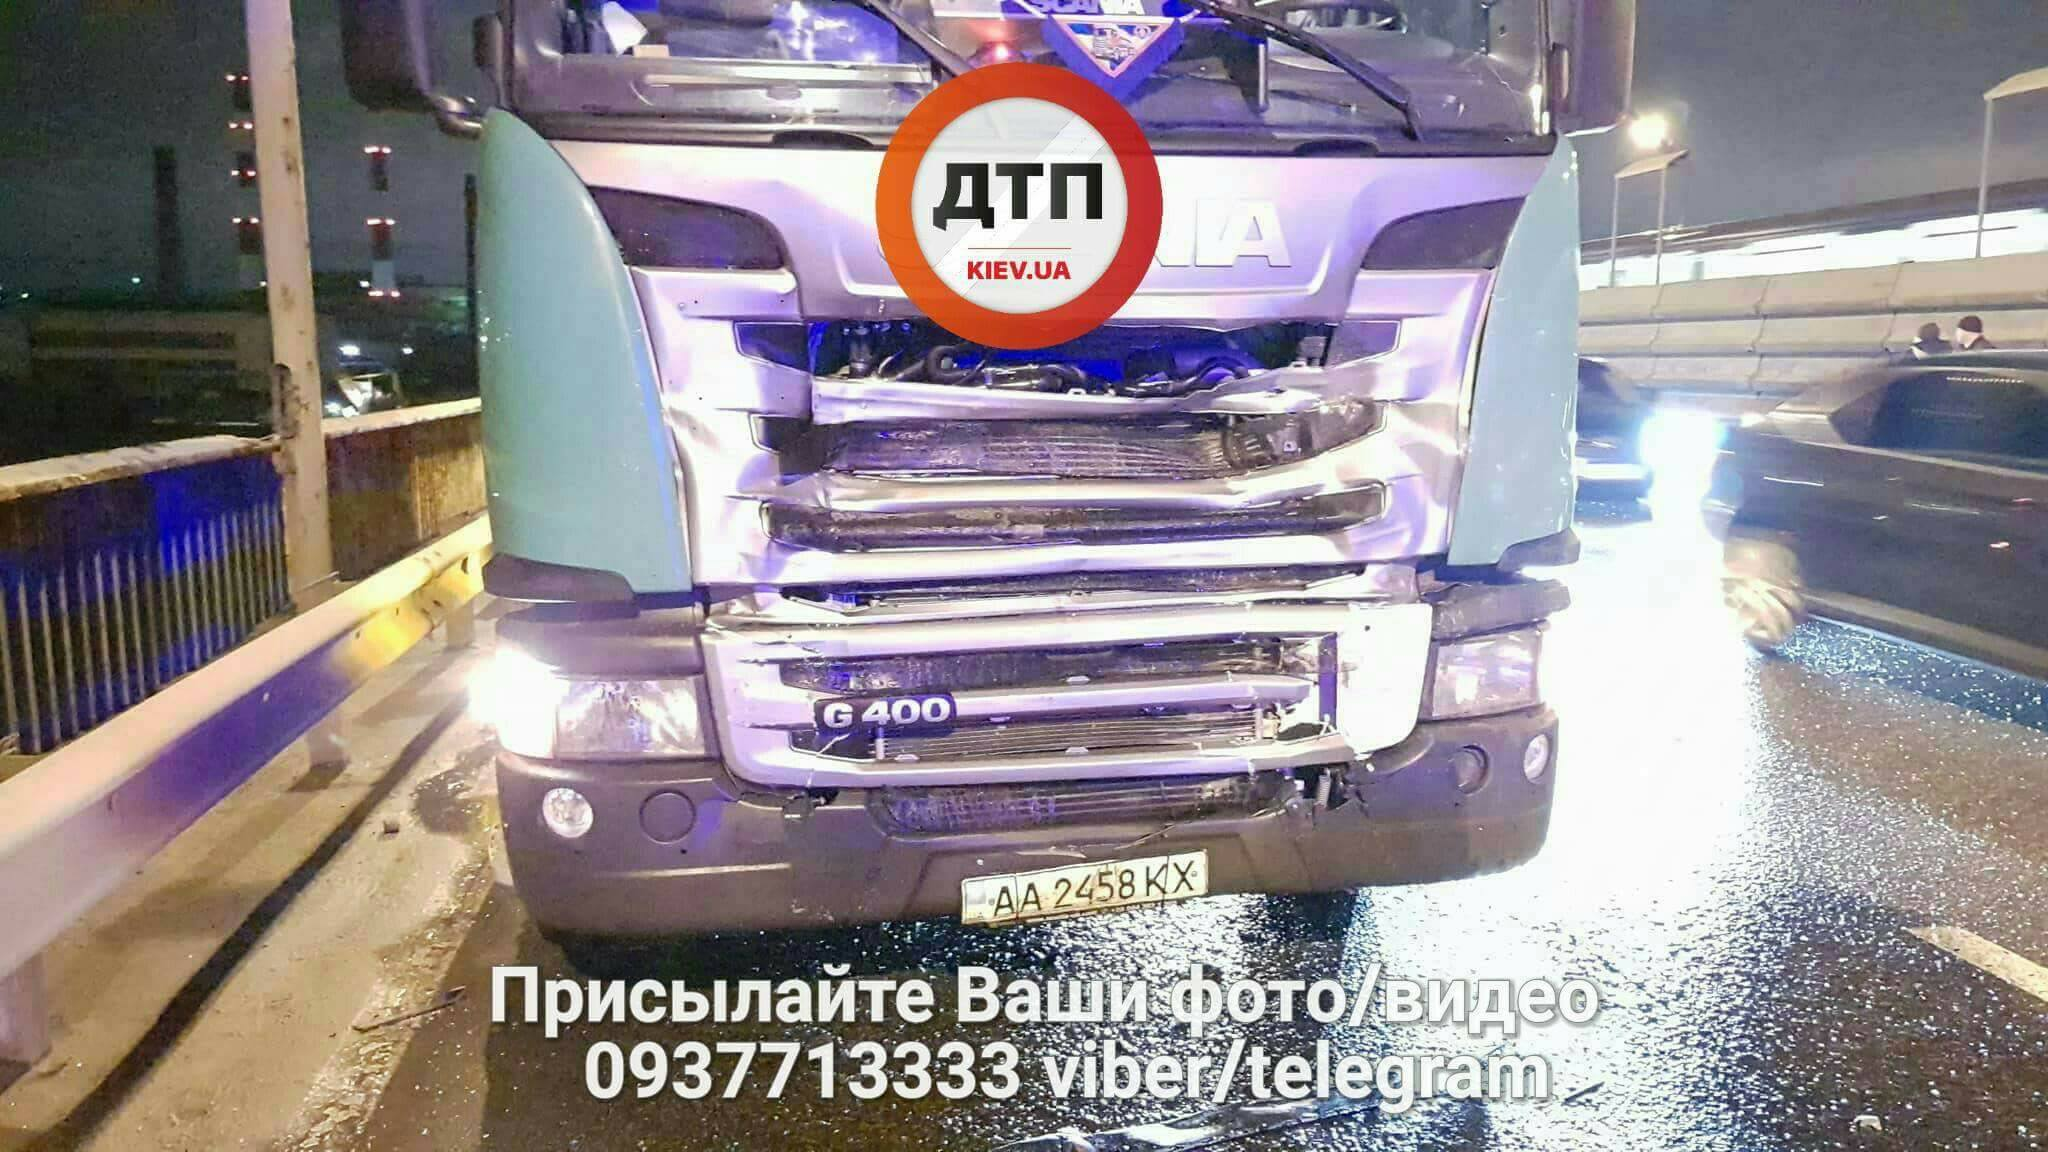 ДТП в Киеве. На Южном мосту бензовоз врезался в Opel, погибли два человека